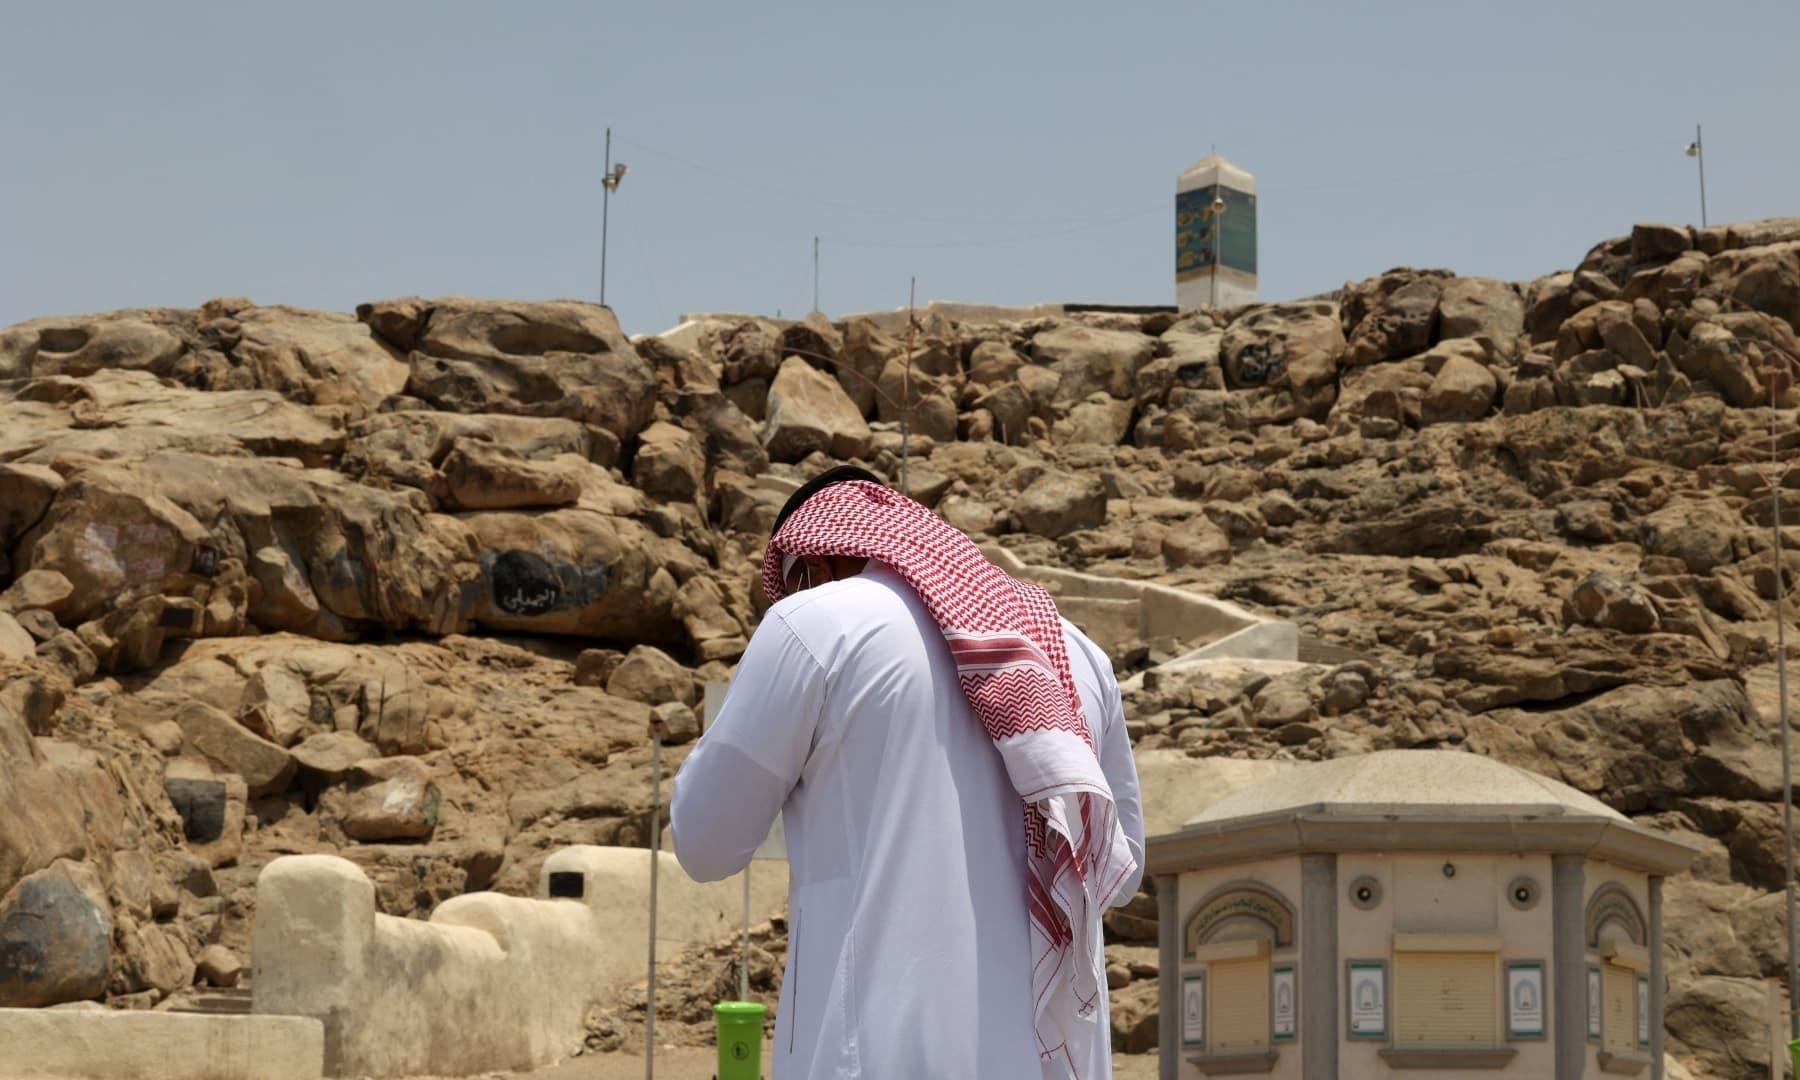 سعودی شہری میدان عرفات میں موجود ہے - فوٹو:اے ایف پی